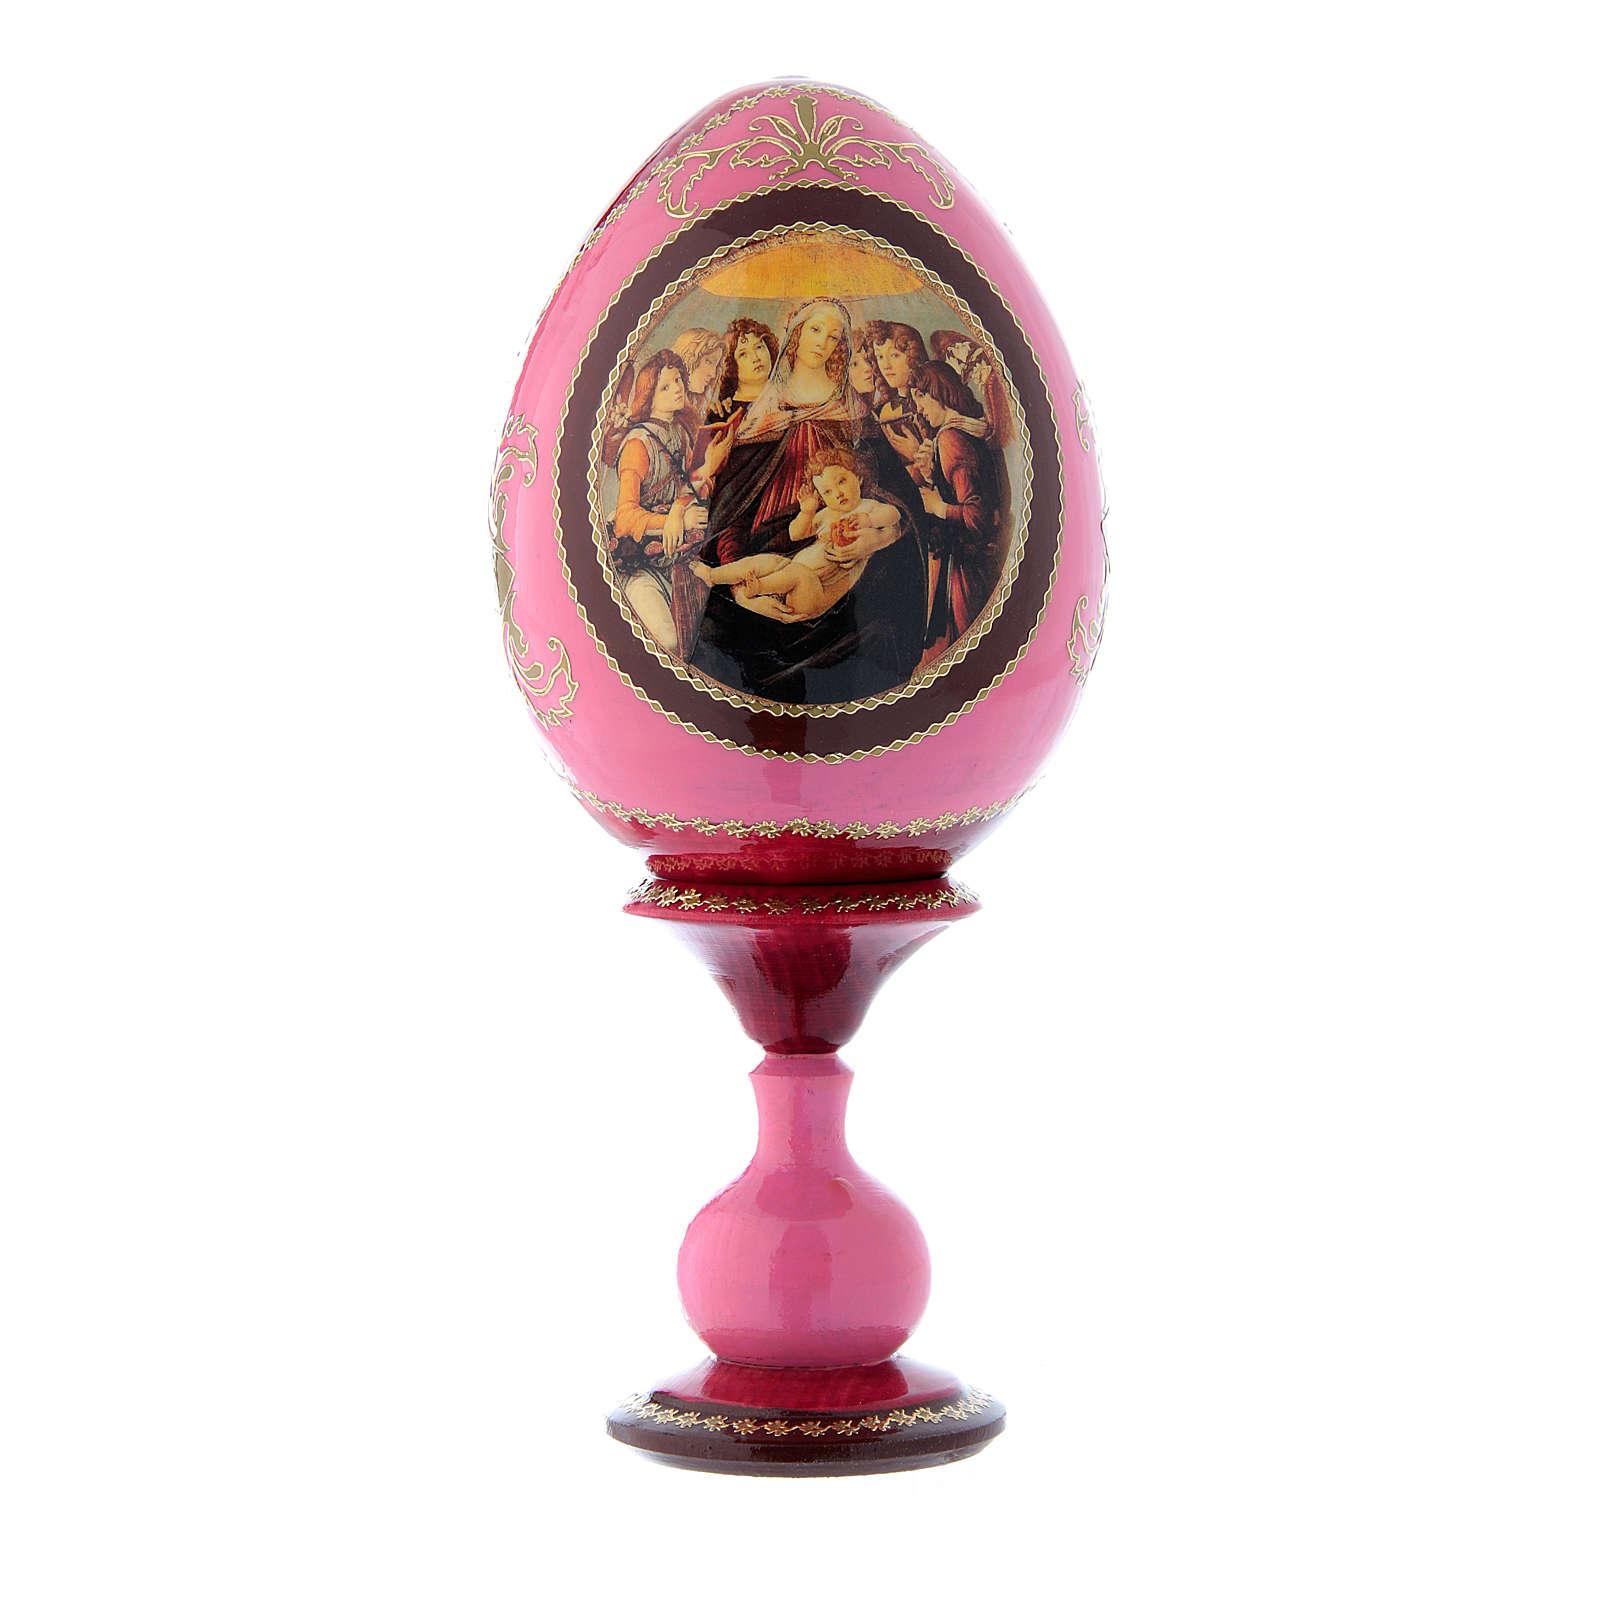 Huevo estilo Fabergé rojo ruso La Virgen de la granada h tot 20 cm 4